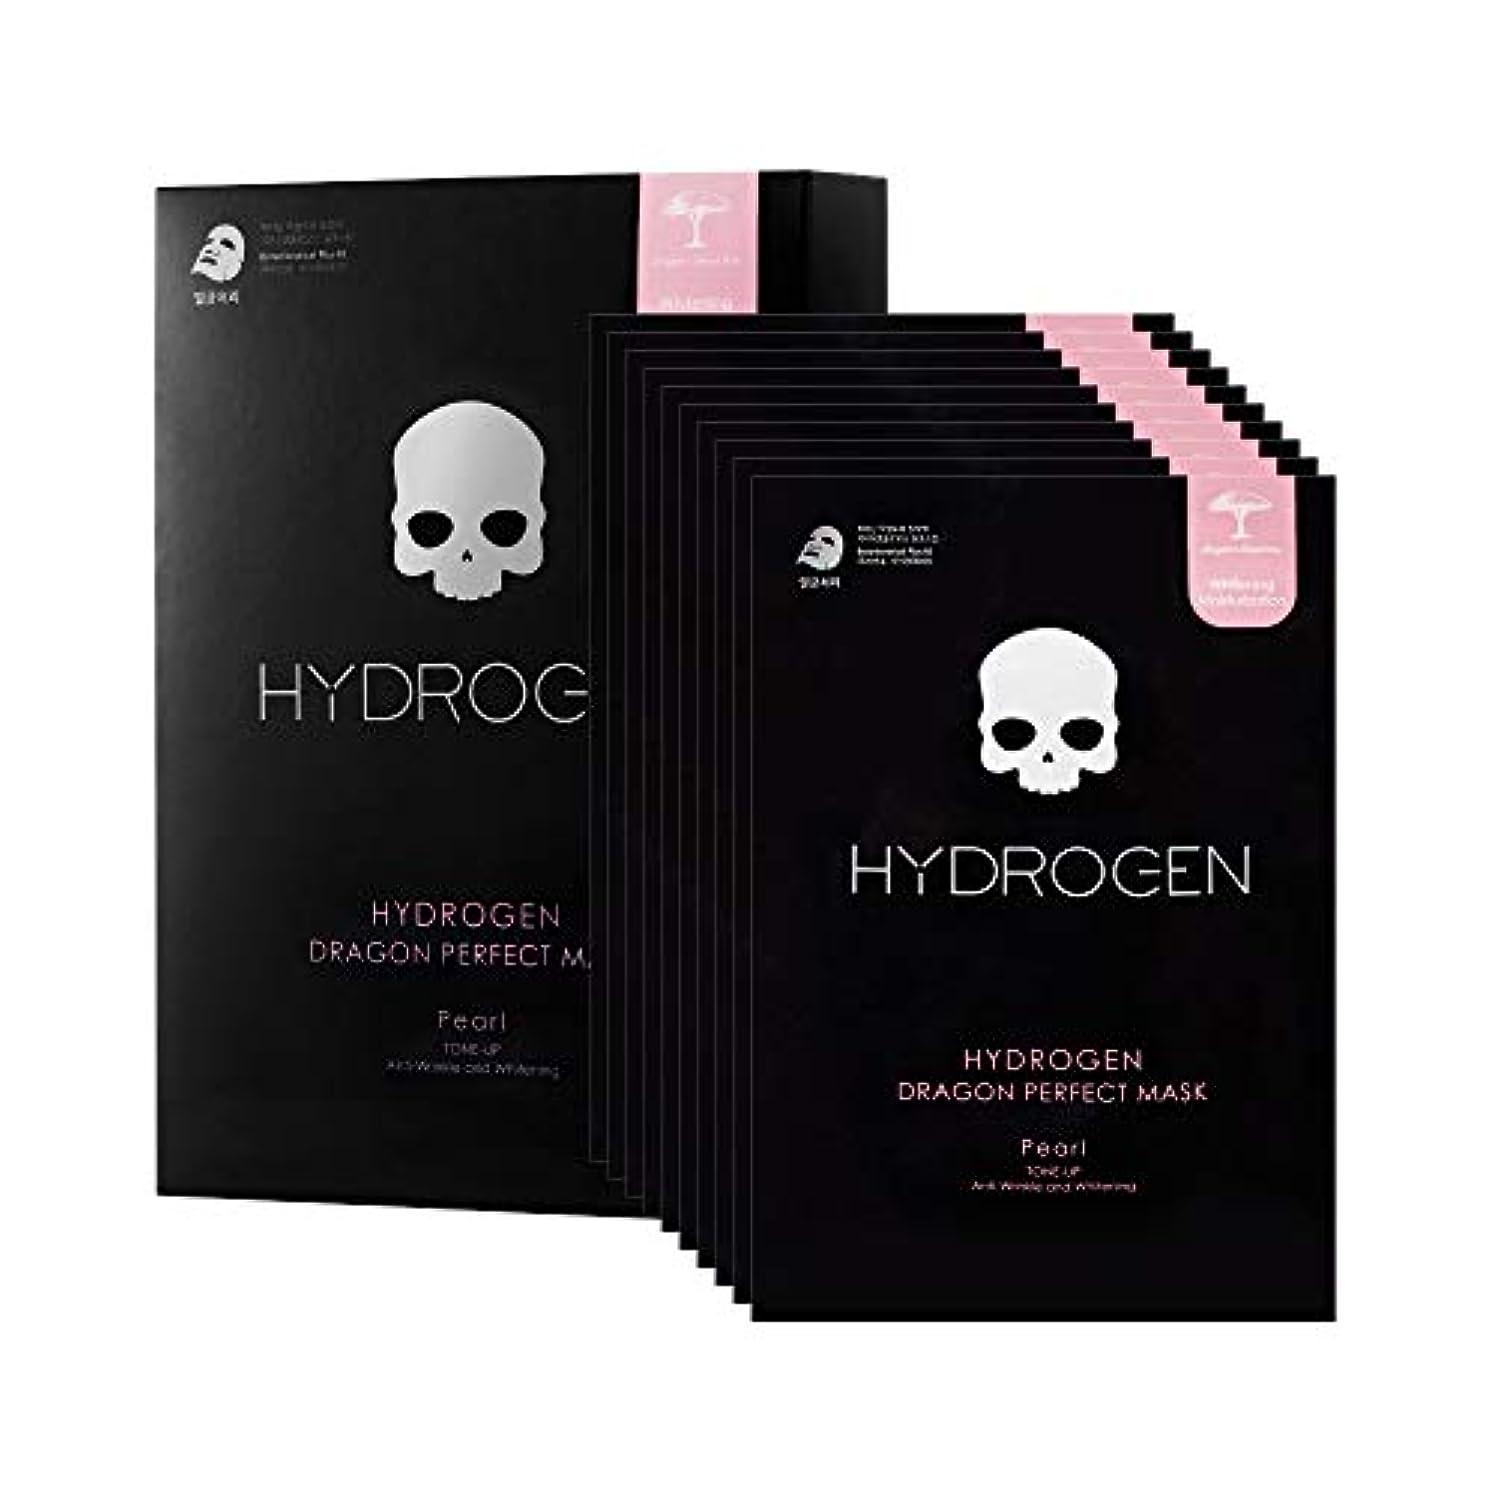 バーター地中海センチメートル【HYDROGEN】ハイドロゲンドラゴンパーフェクトマスク HYDROGEN DRAGON PERFECT MASK [10枚入り]